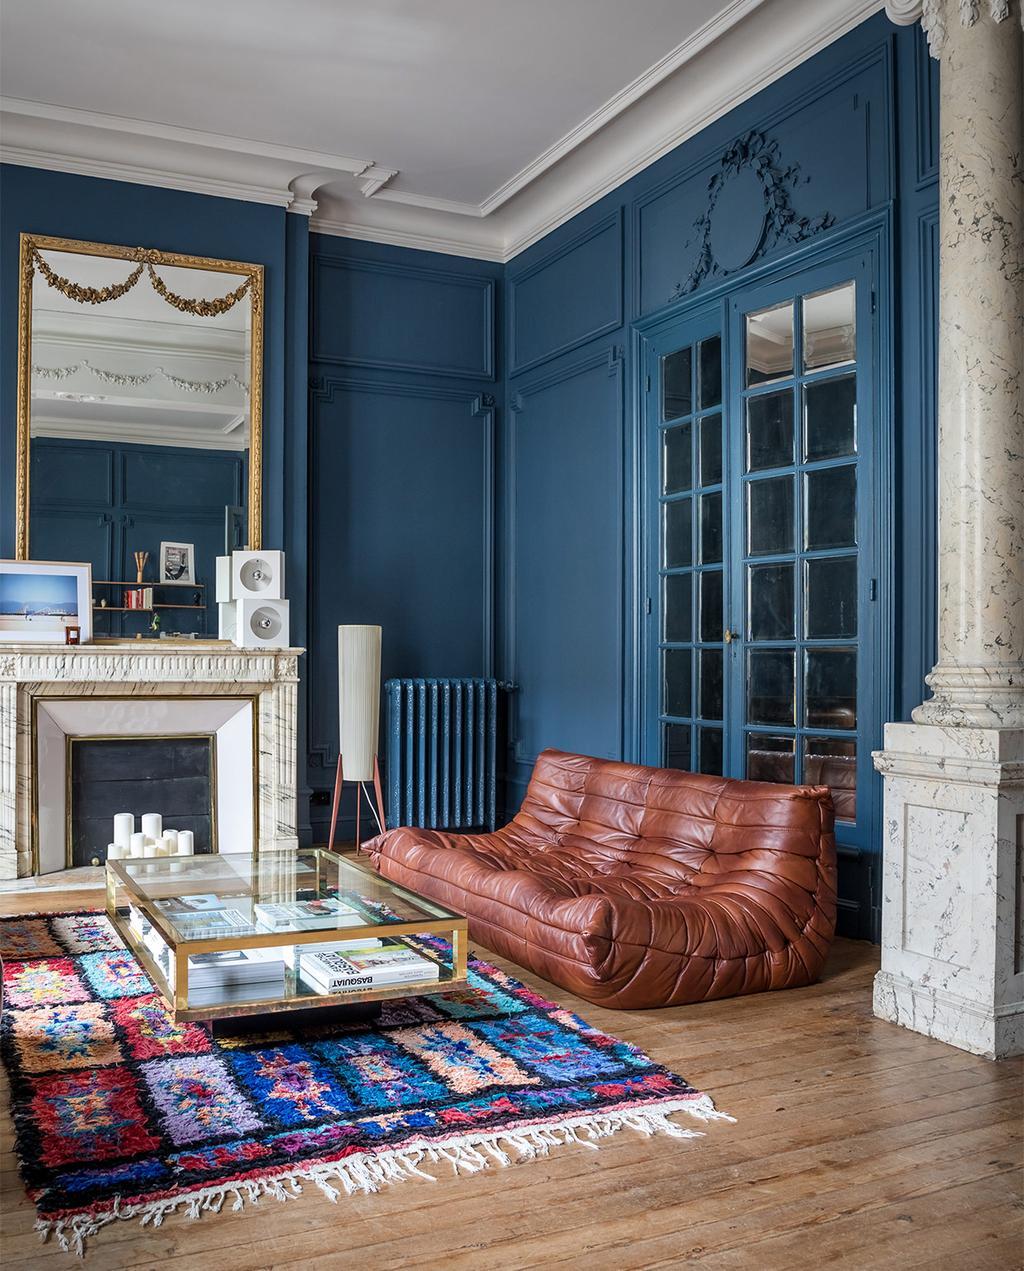 vtwonen special zomerhuizen 07-2021 | blauwe woonkamer met donkere blauwe tinten, en een Togo bank | klassiek interieur modern